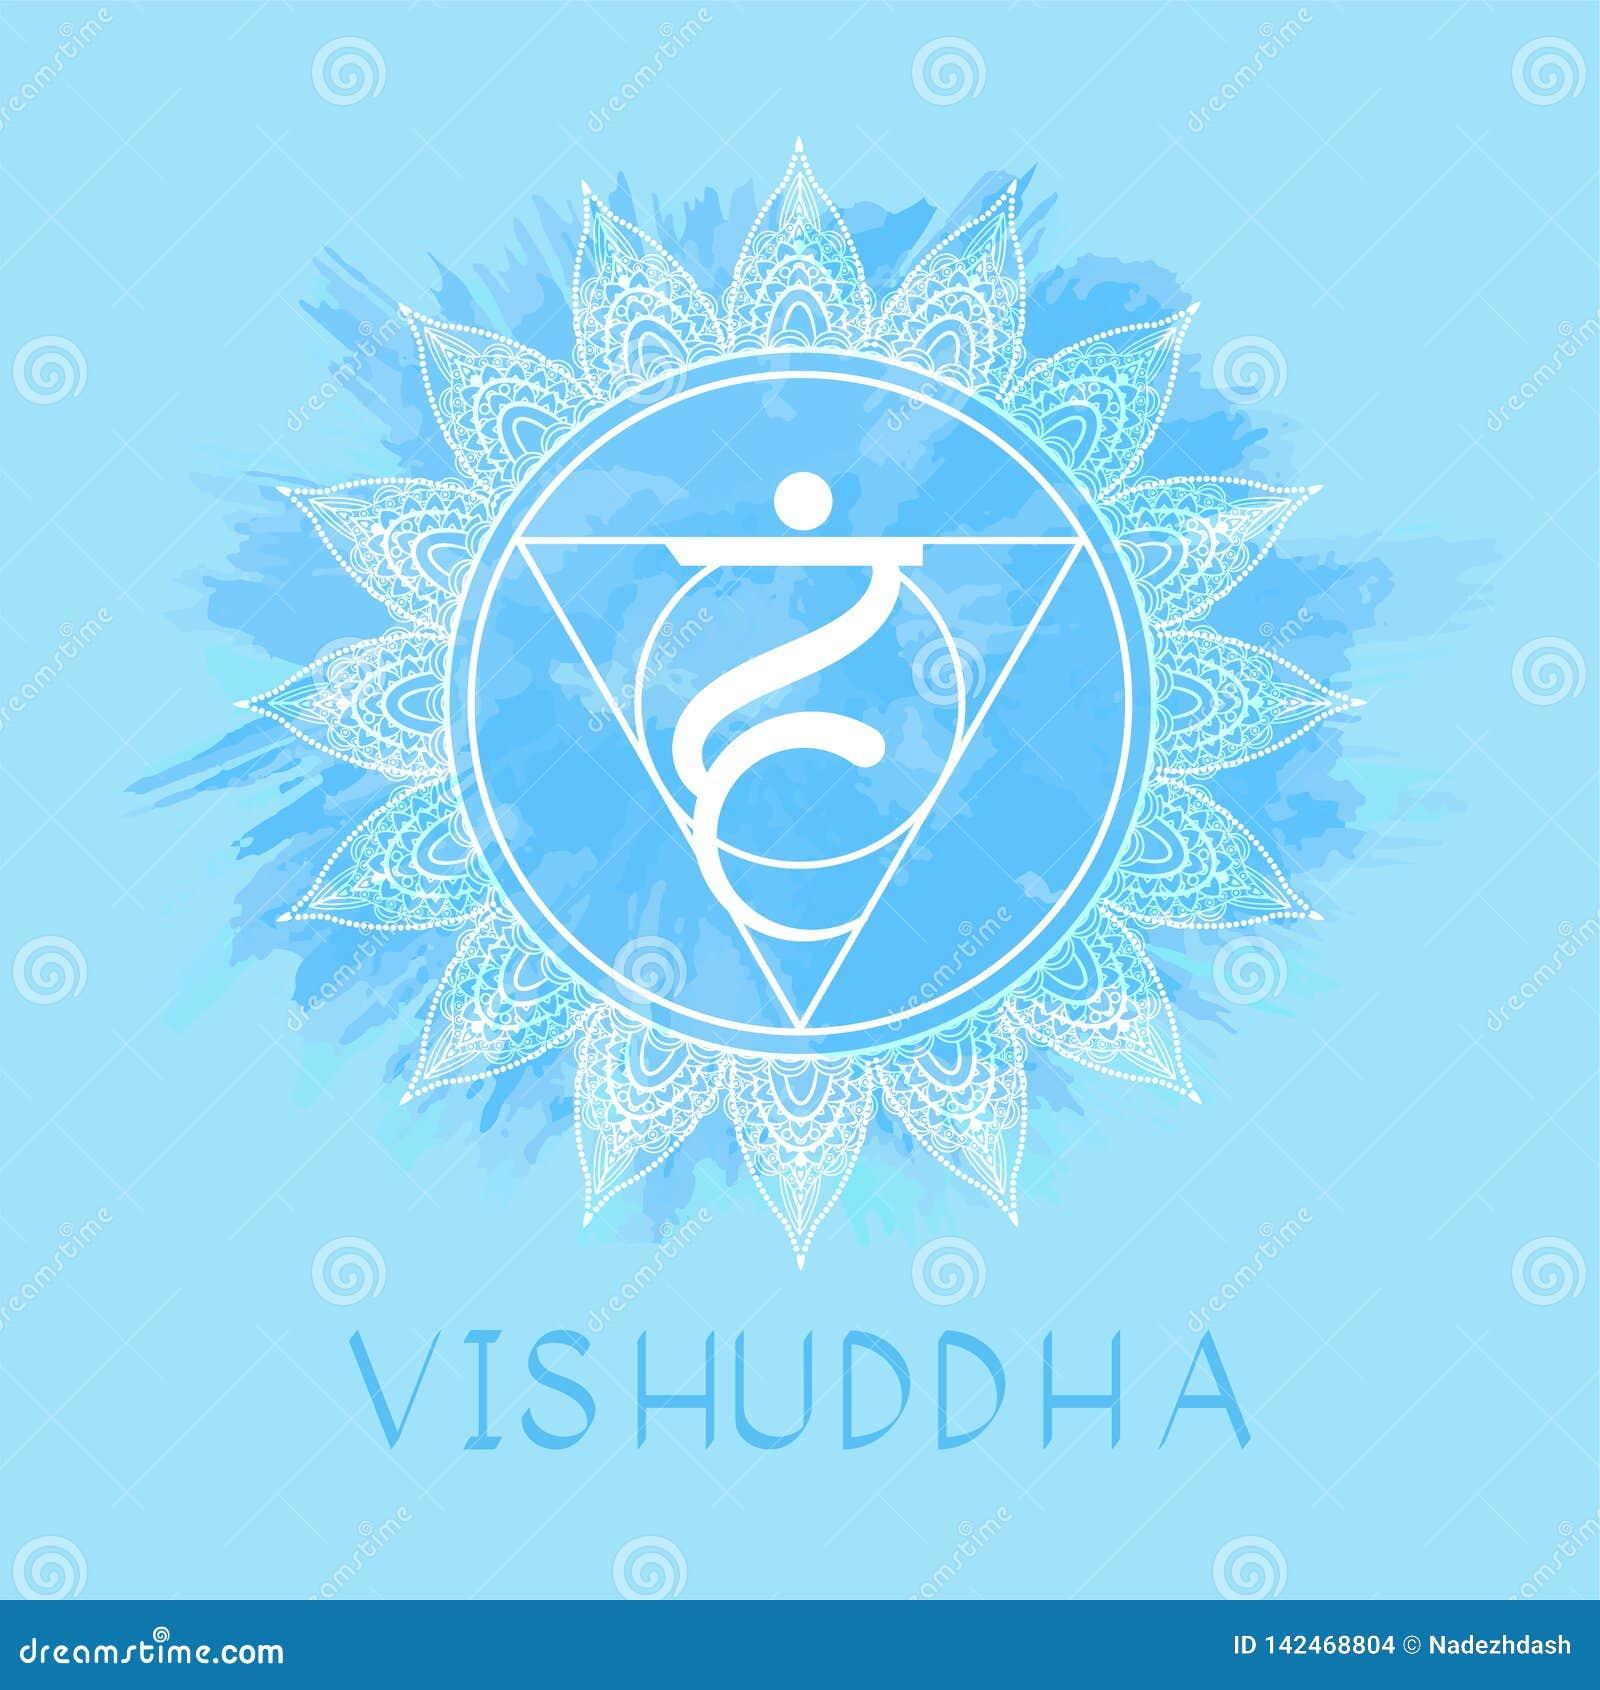 Διανυσματική απεικόνιση με το σύμβολο Vishuddha - chakra λαιμού στο υπόβαθρο watercolor